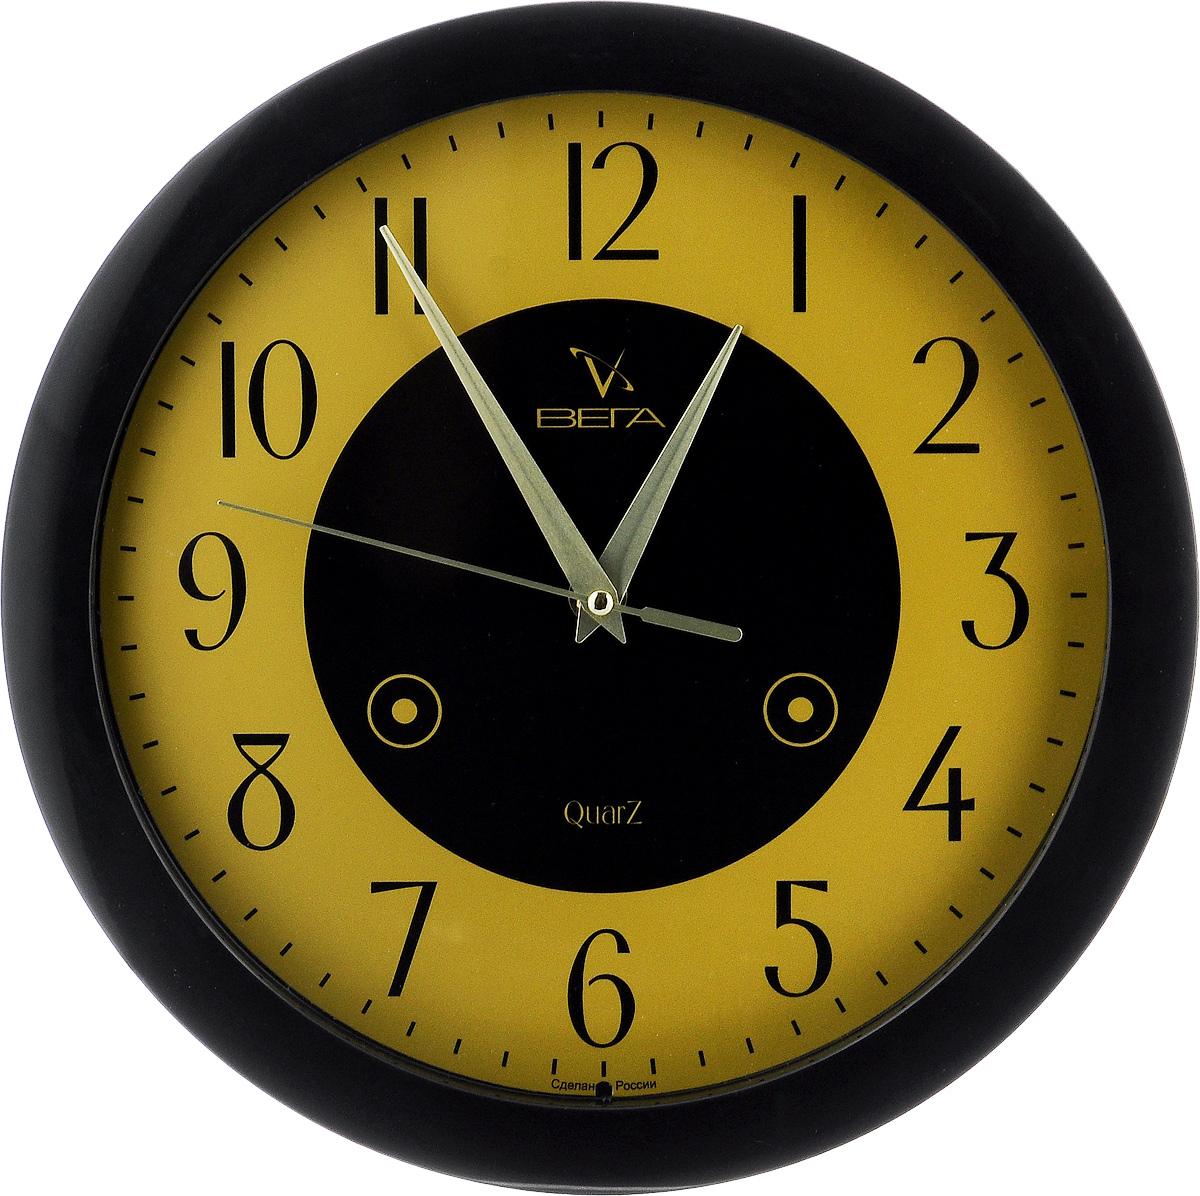 Часы настенные Вега Классика, цвет: черный, желтый, диаметр 28,5 см. П1-6/6П1-6/6-16Настенные кварцевые часы Вега Классика, изготовленные из пластика, прекрасно впишутся в интерьервашего дома. Круглые часы имеют три стрелки: часовую,минутную и секундную, циферблат защищен прозрачным стеклом.Часы работают от 1 батарейки типа АА напряжением 1,5 В (не входит в комплект).Диаметр часов: 28,5 см.